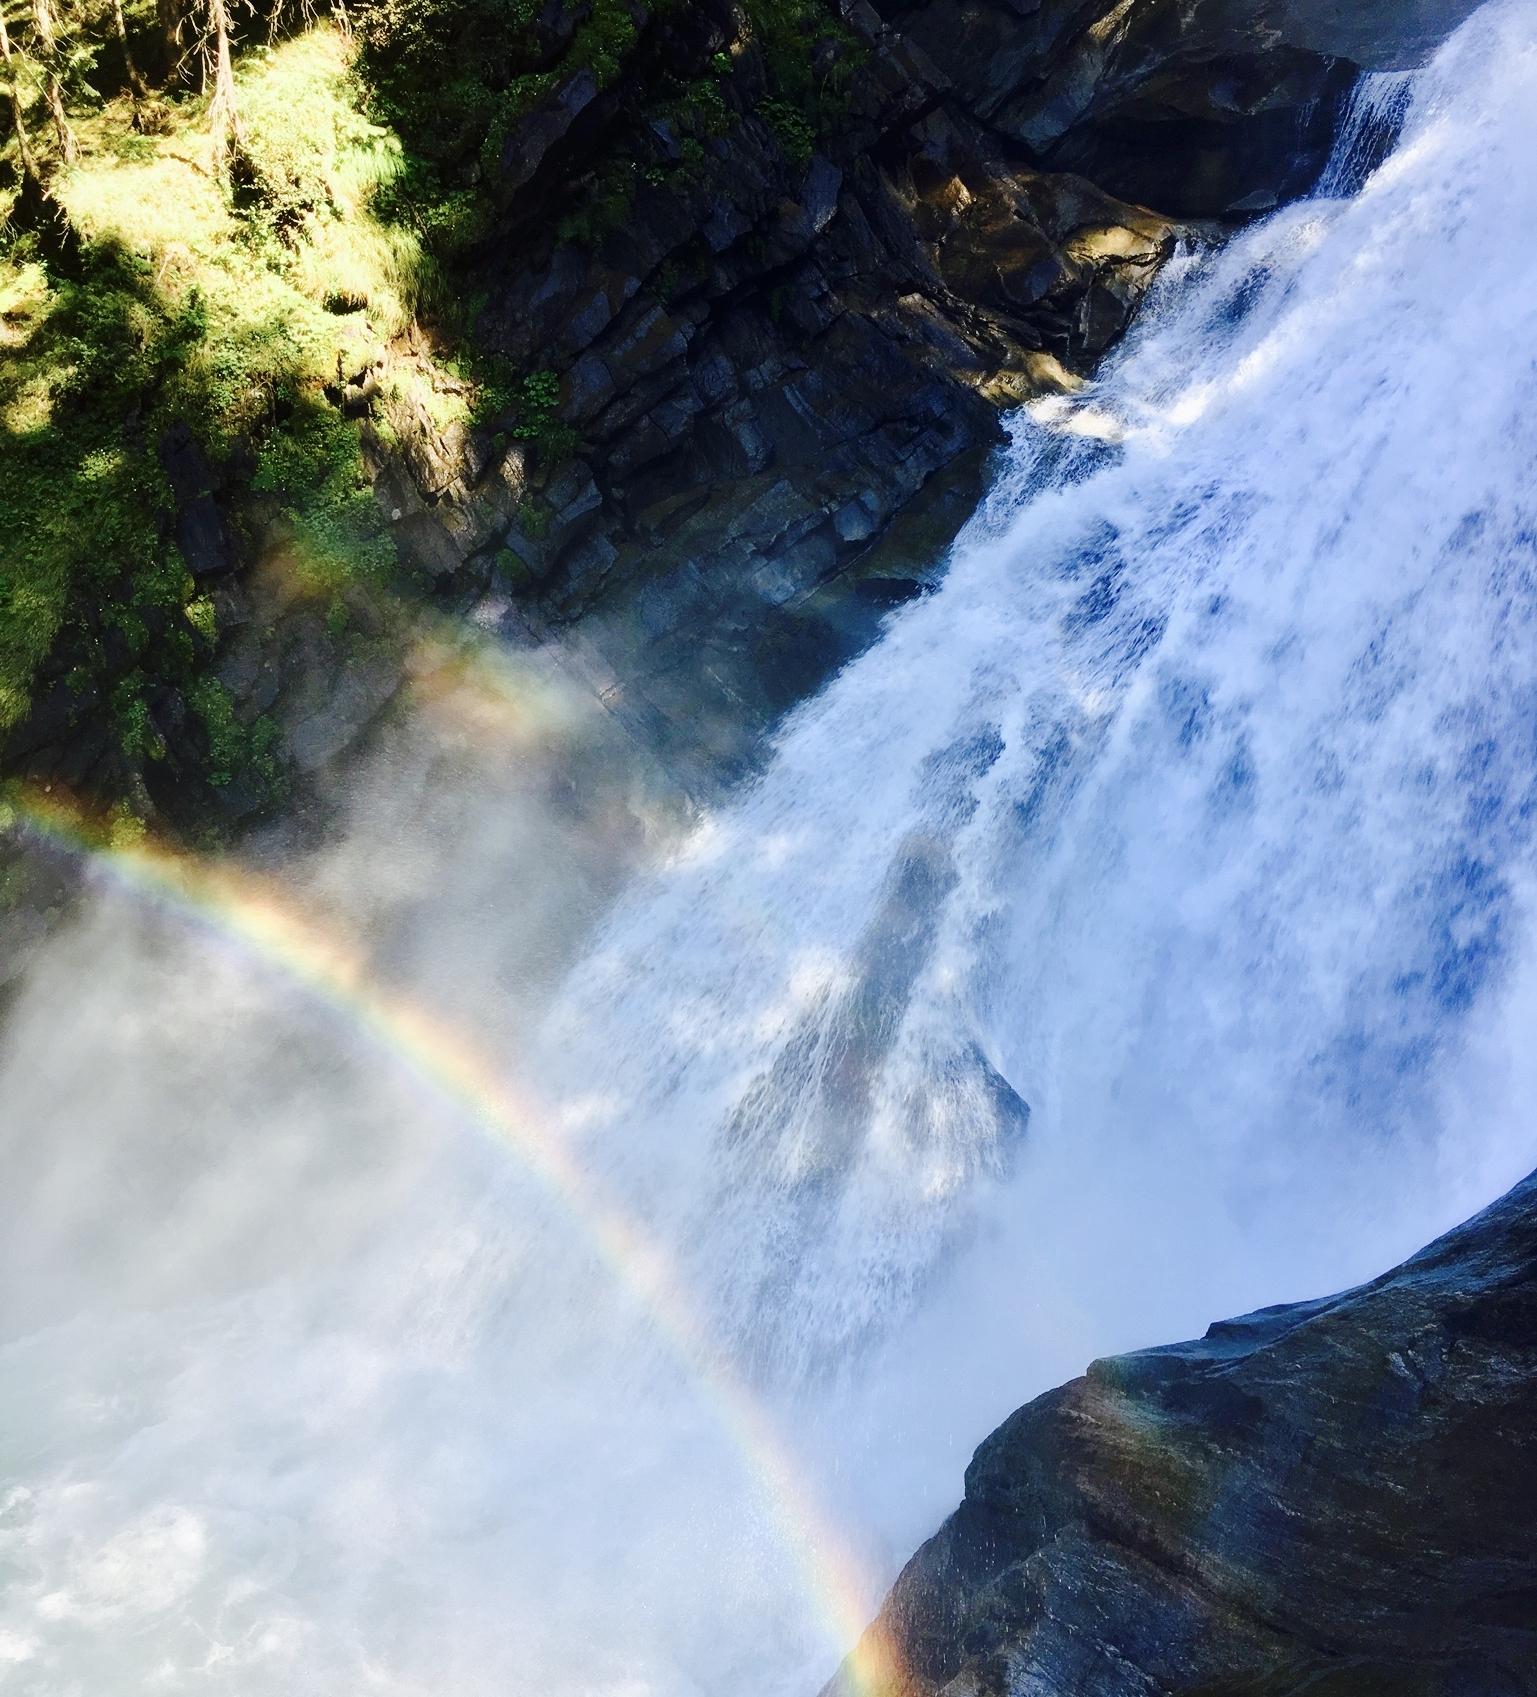 Double Rainbow at Krimml Waterfalls